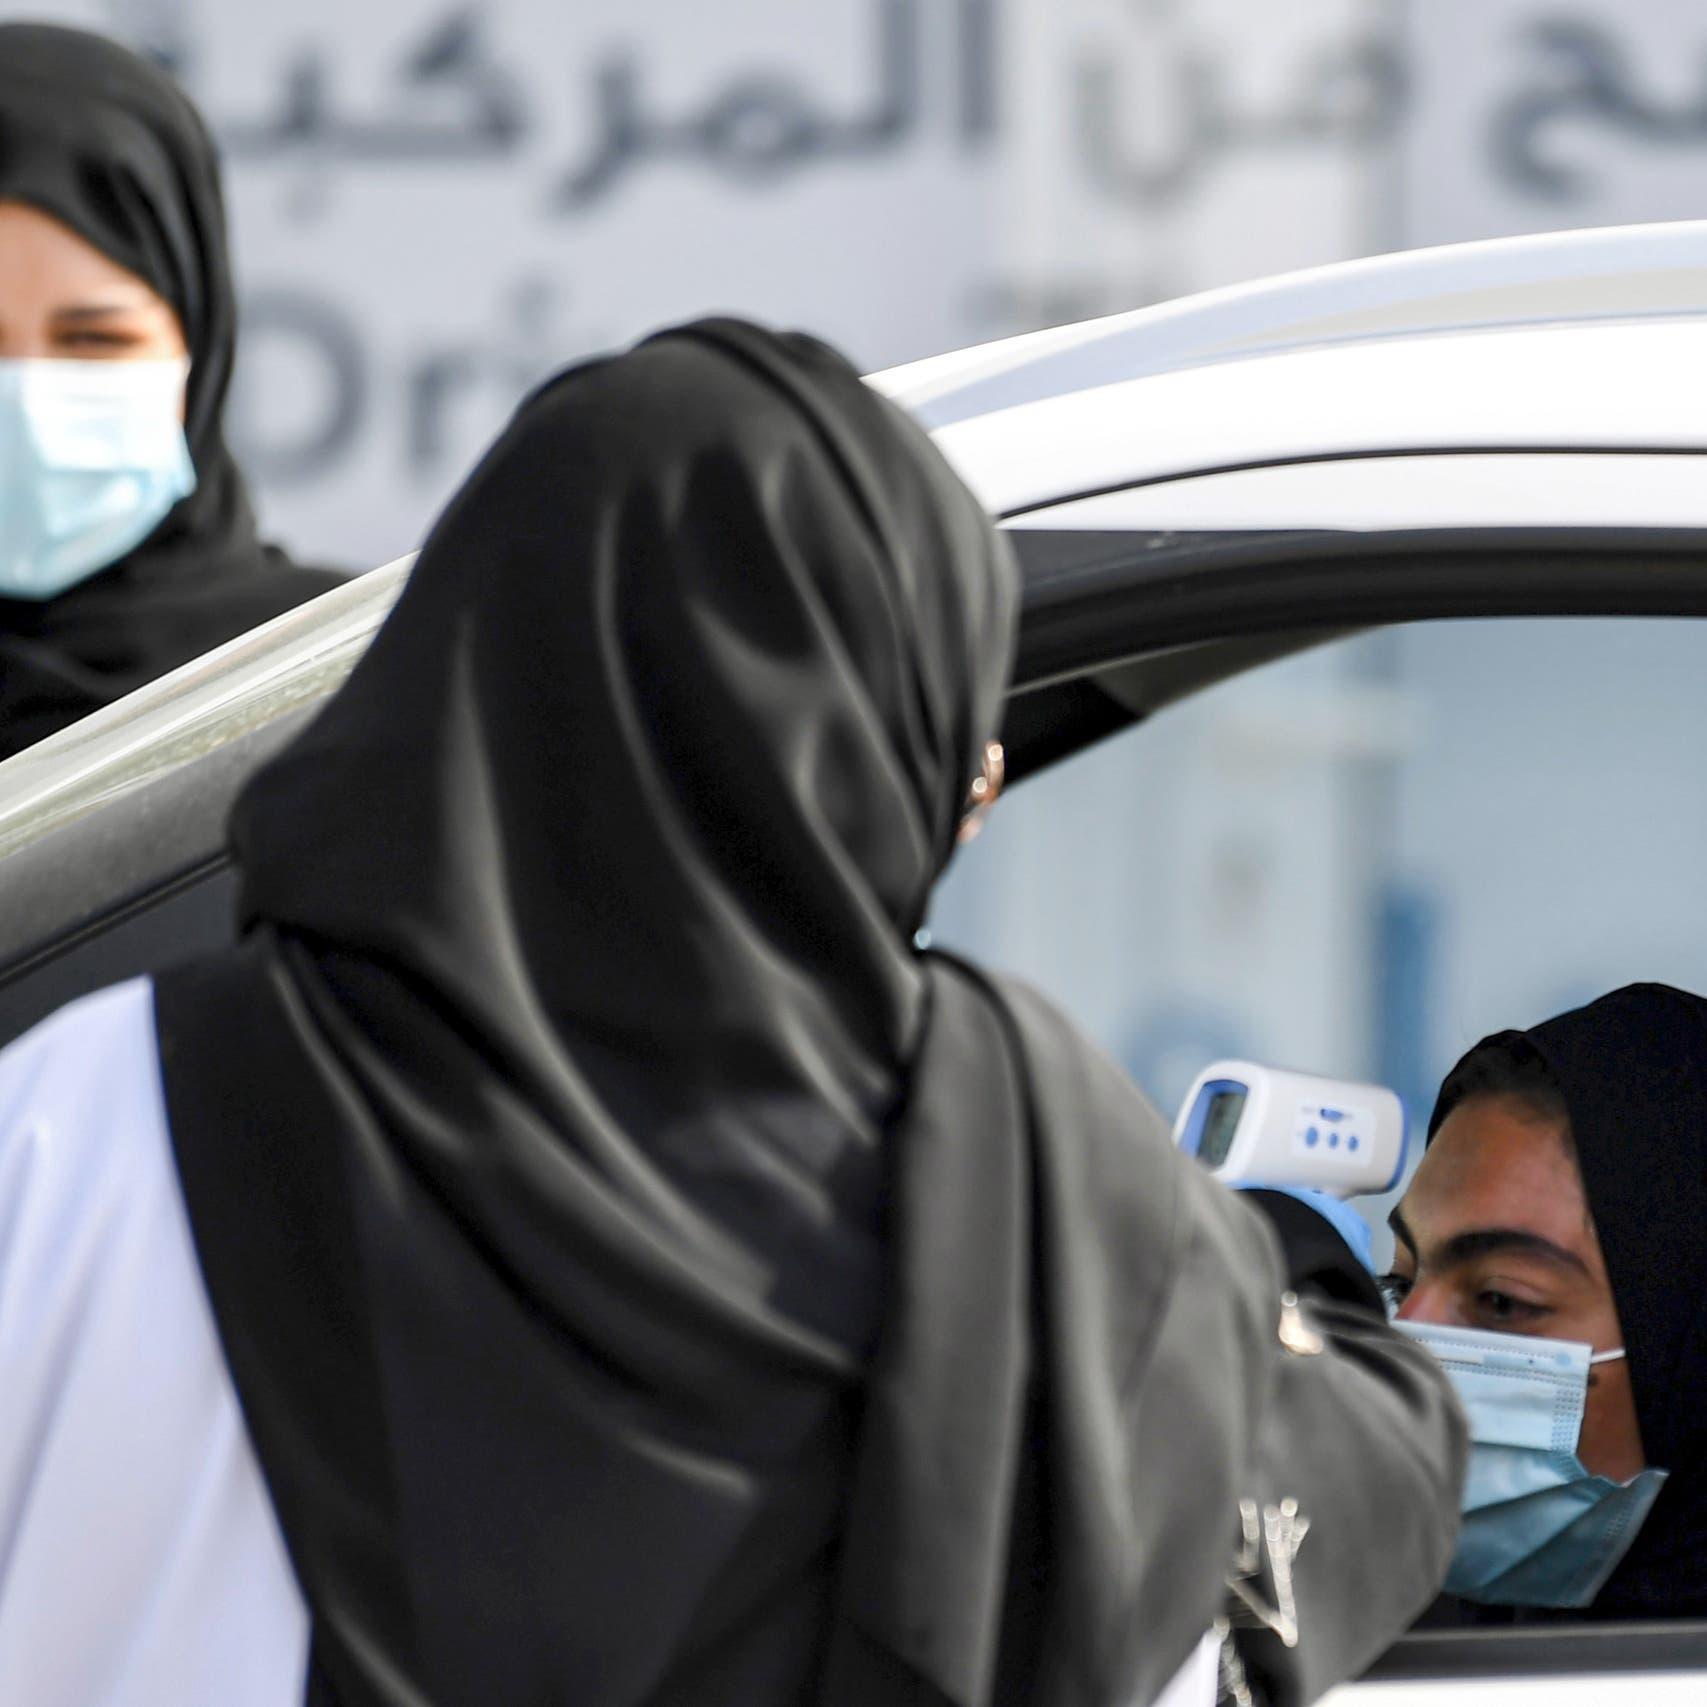 الإمارات تعلن شفاء 91 حالة وتسجيل 536 إصابة بكورونا